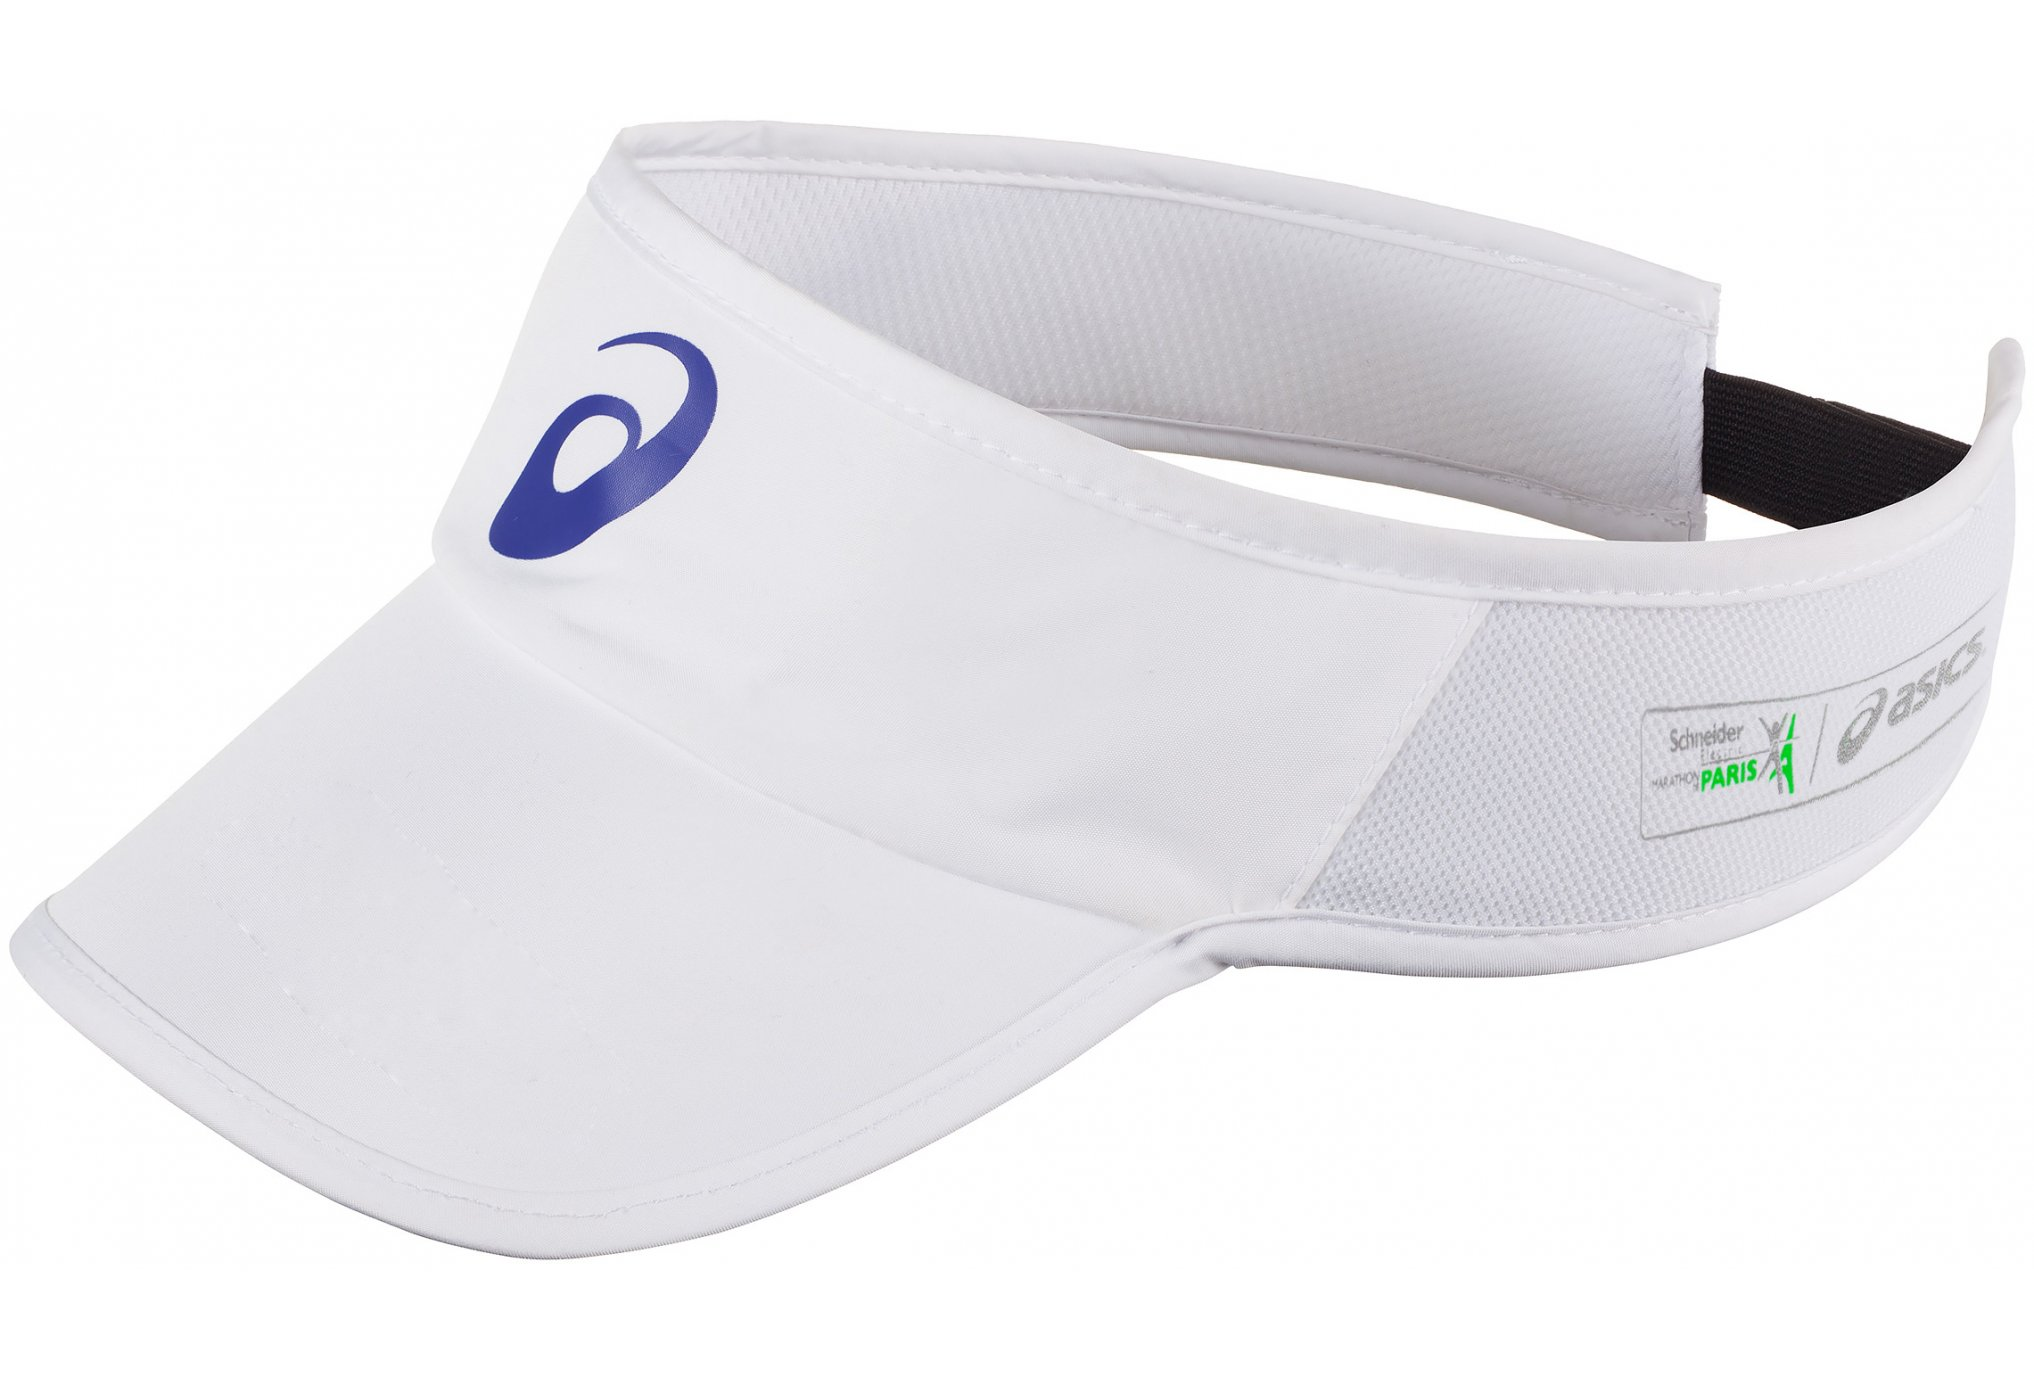 Asics Visière mdp casquettes / bandeaux